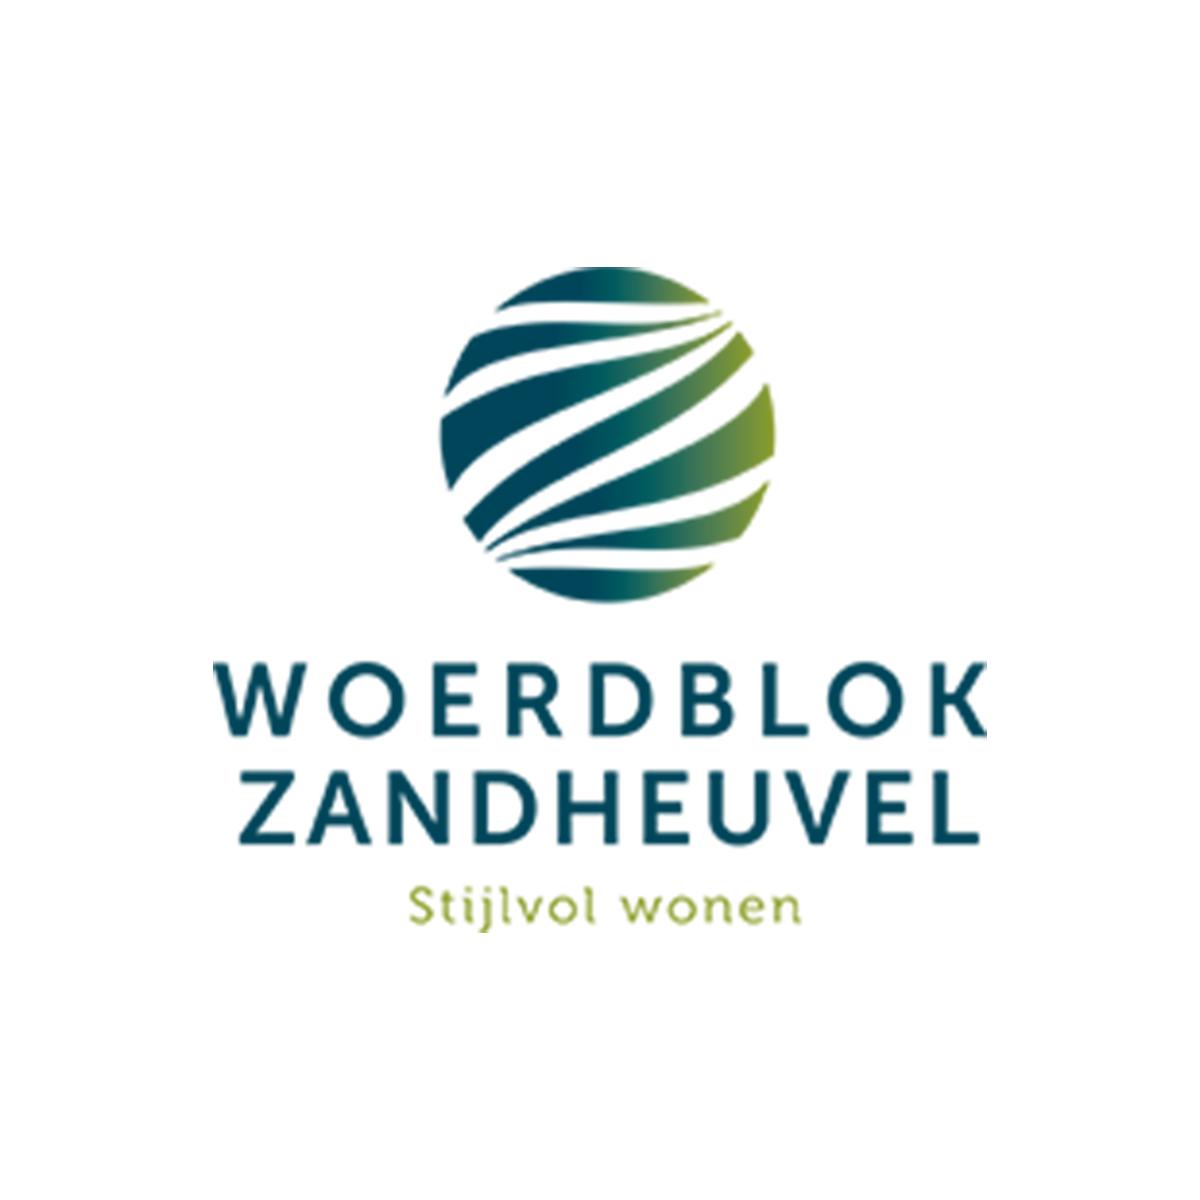 Woerdblok-zandheuvel